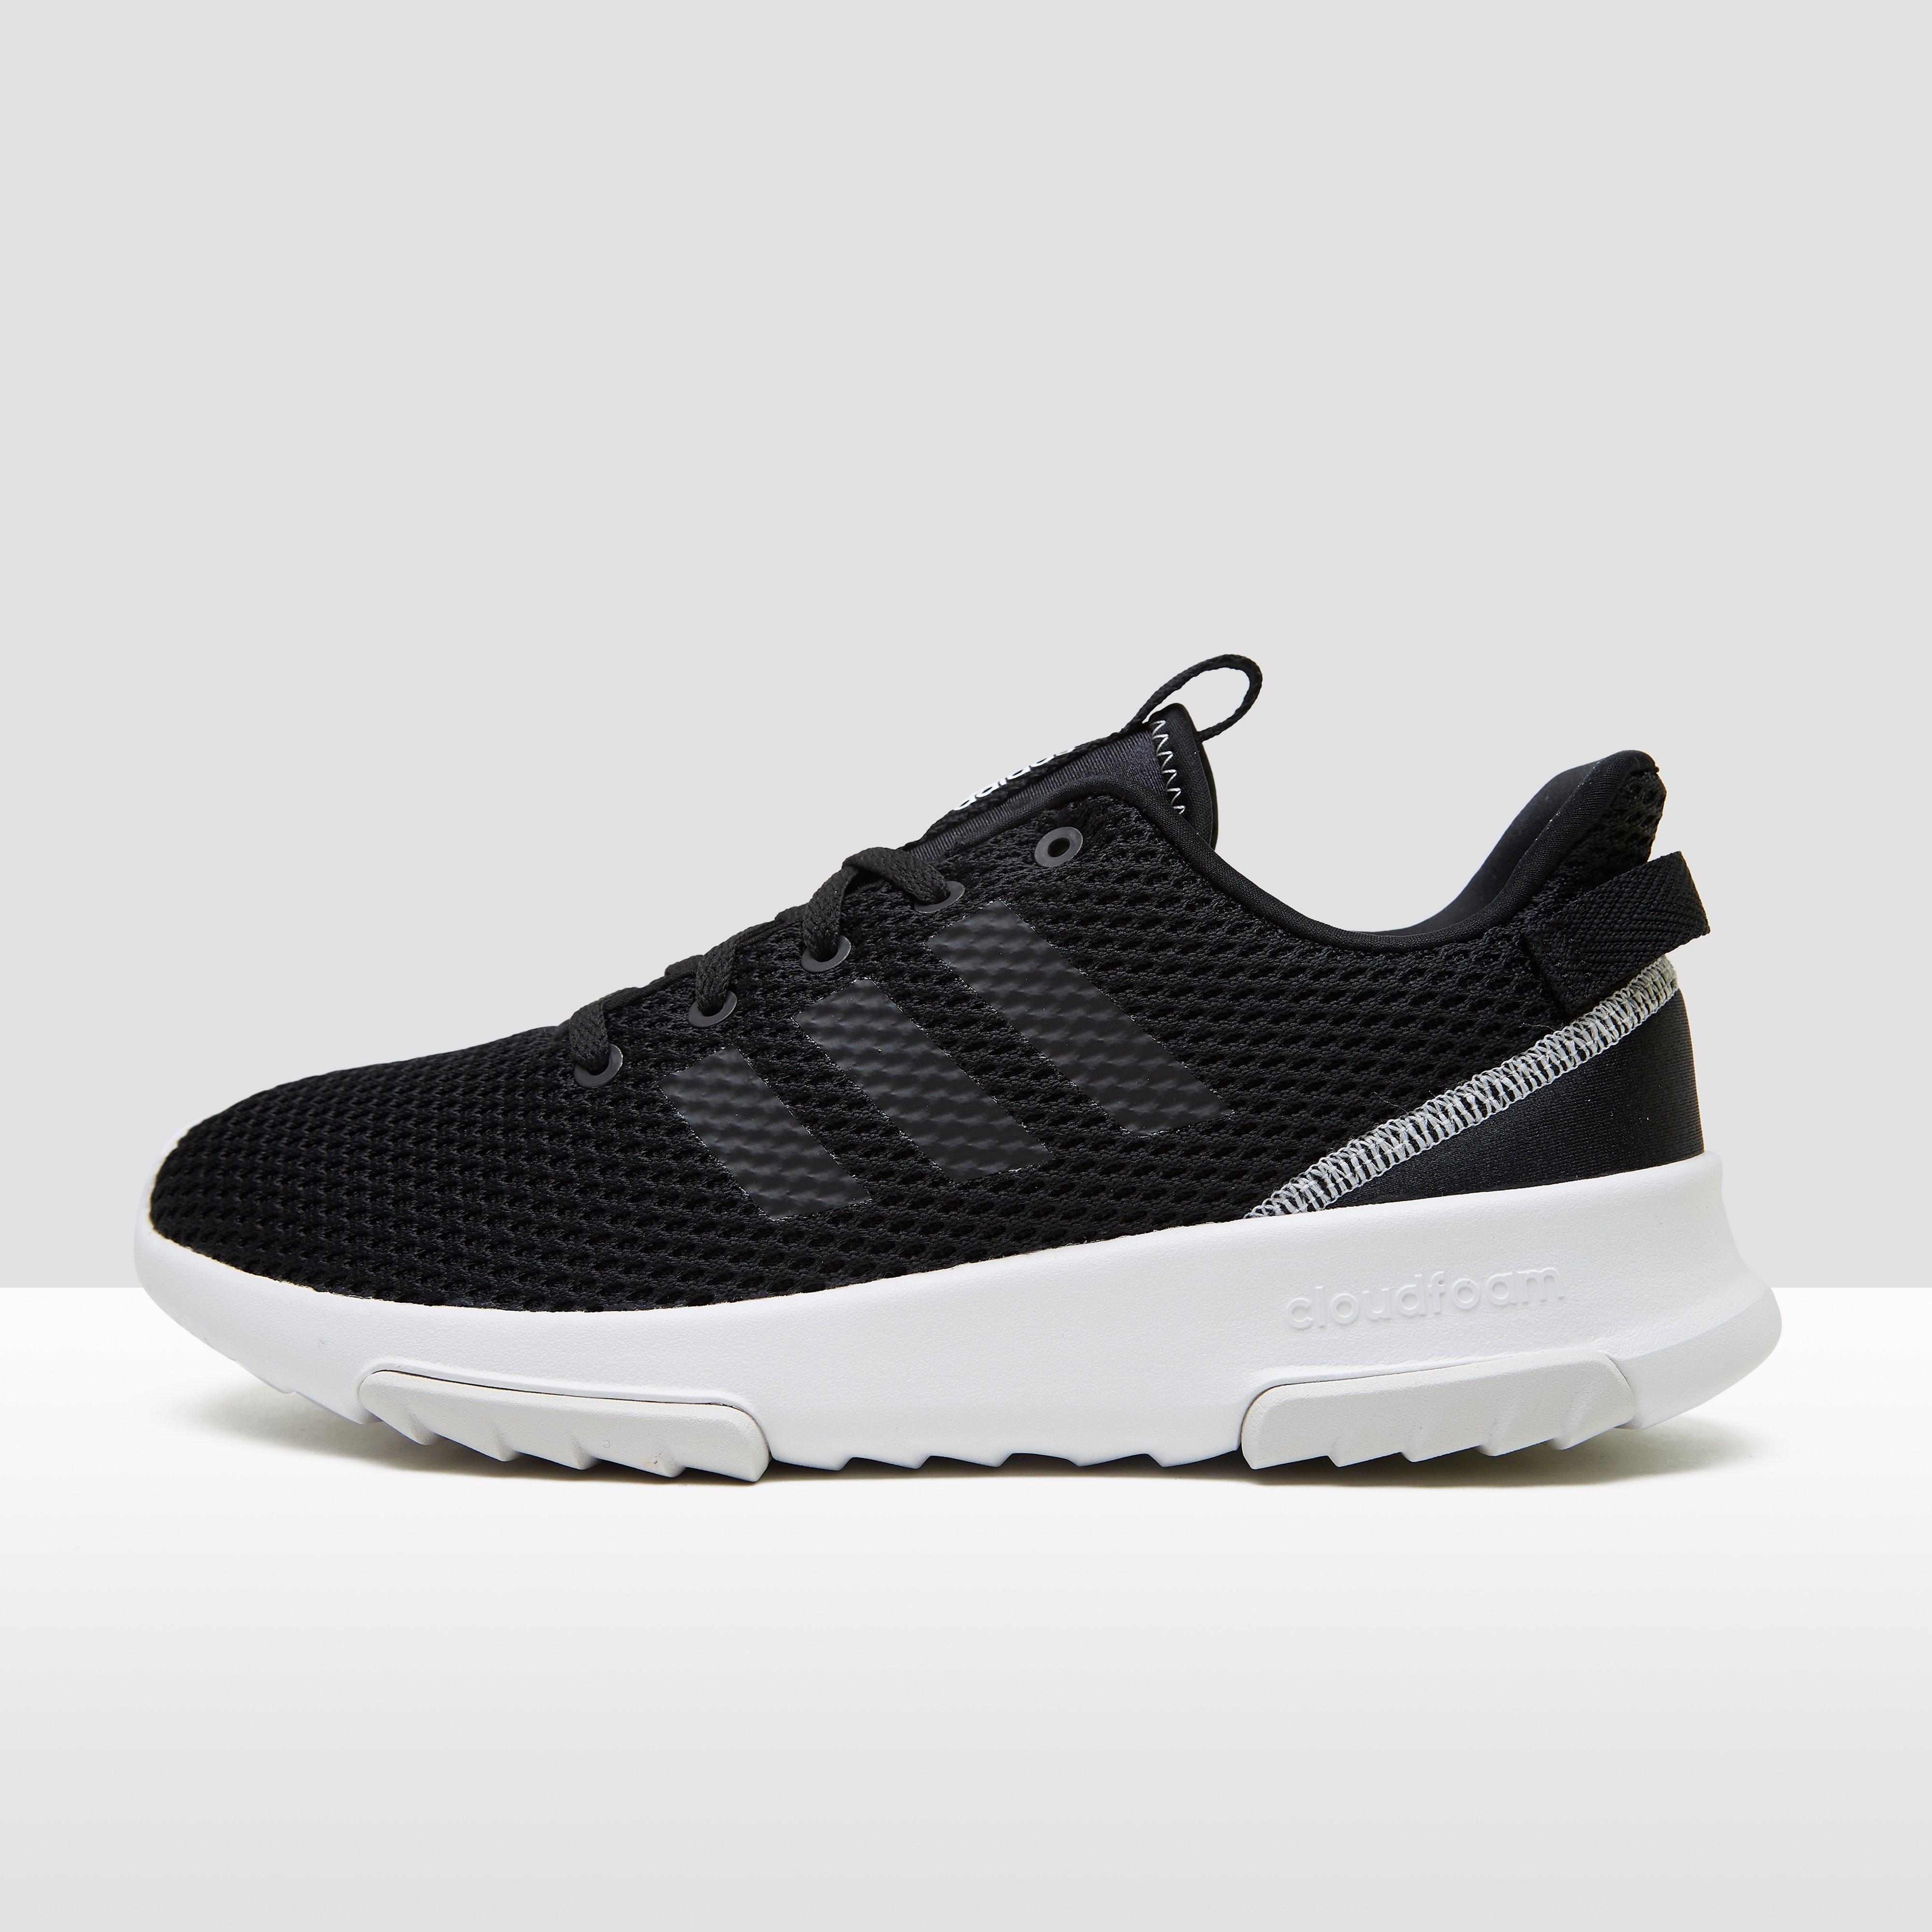 adidas cloudfoam racer tr turnschuhe zwart damen aktiesport